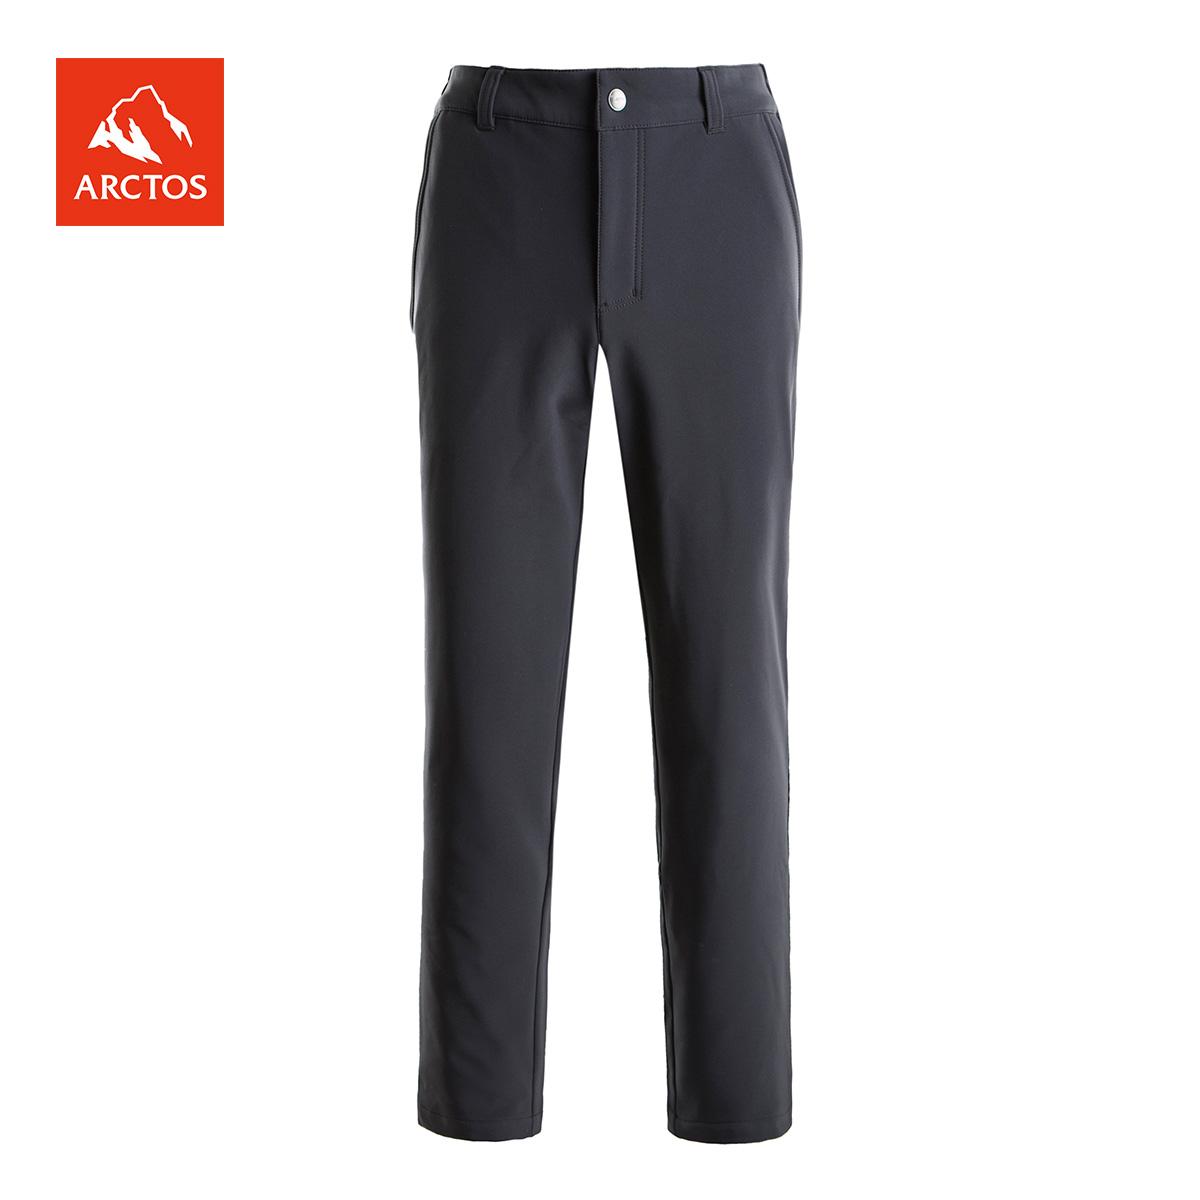 极星 男款户外软壳裤加绒保暖弹力舒适防风软壳长裤 AGPC21217